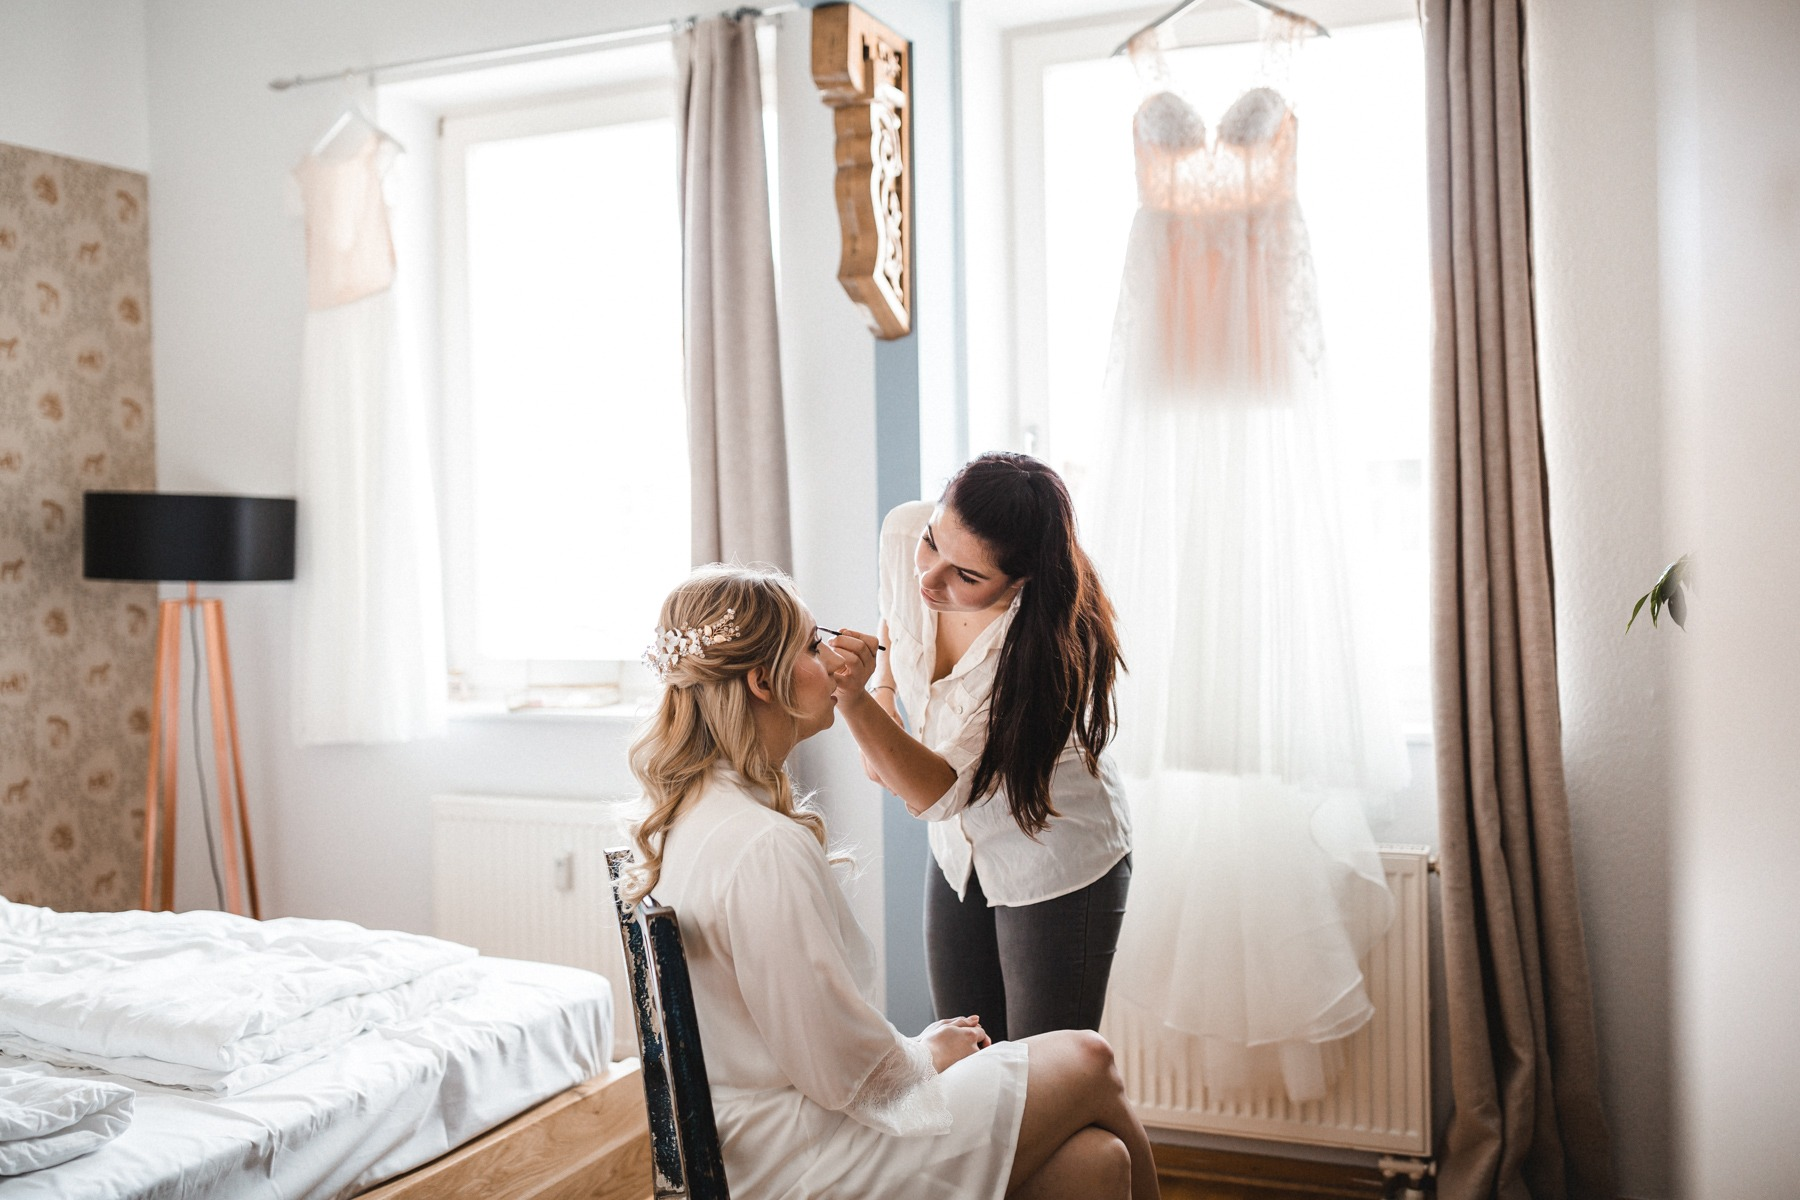 Getting Ready der Braut mit Stylistin am Hochzeitsmorgen